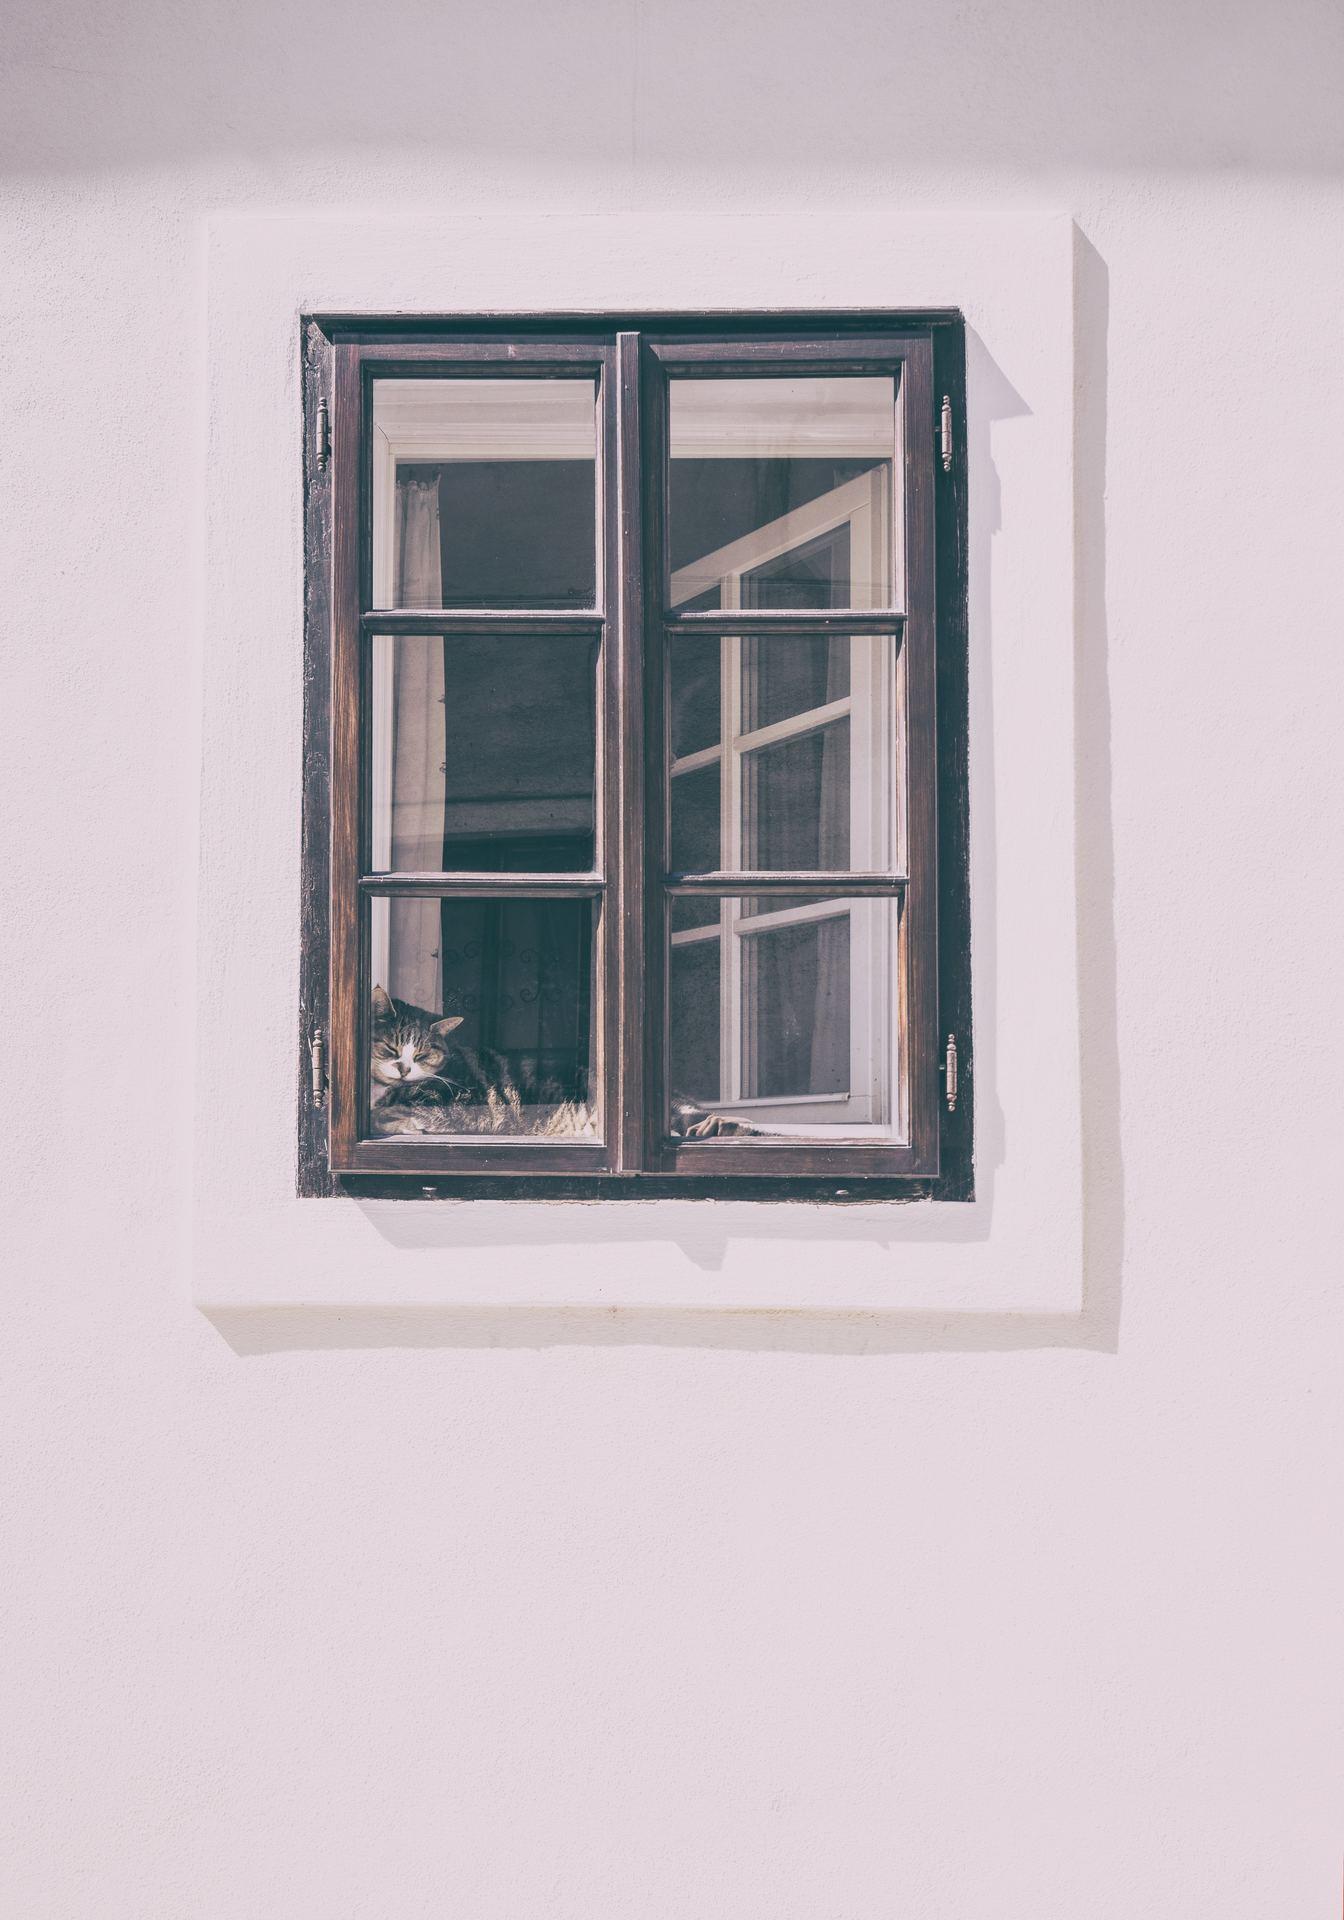 Tänk klart - tänk på dina fönster